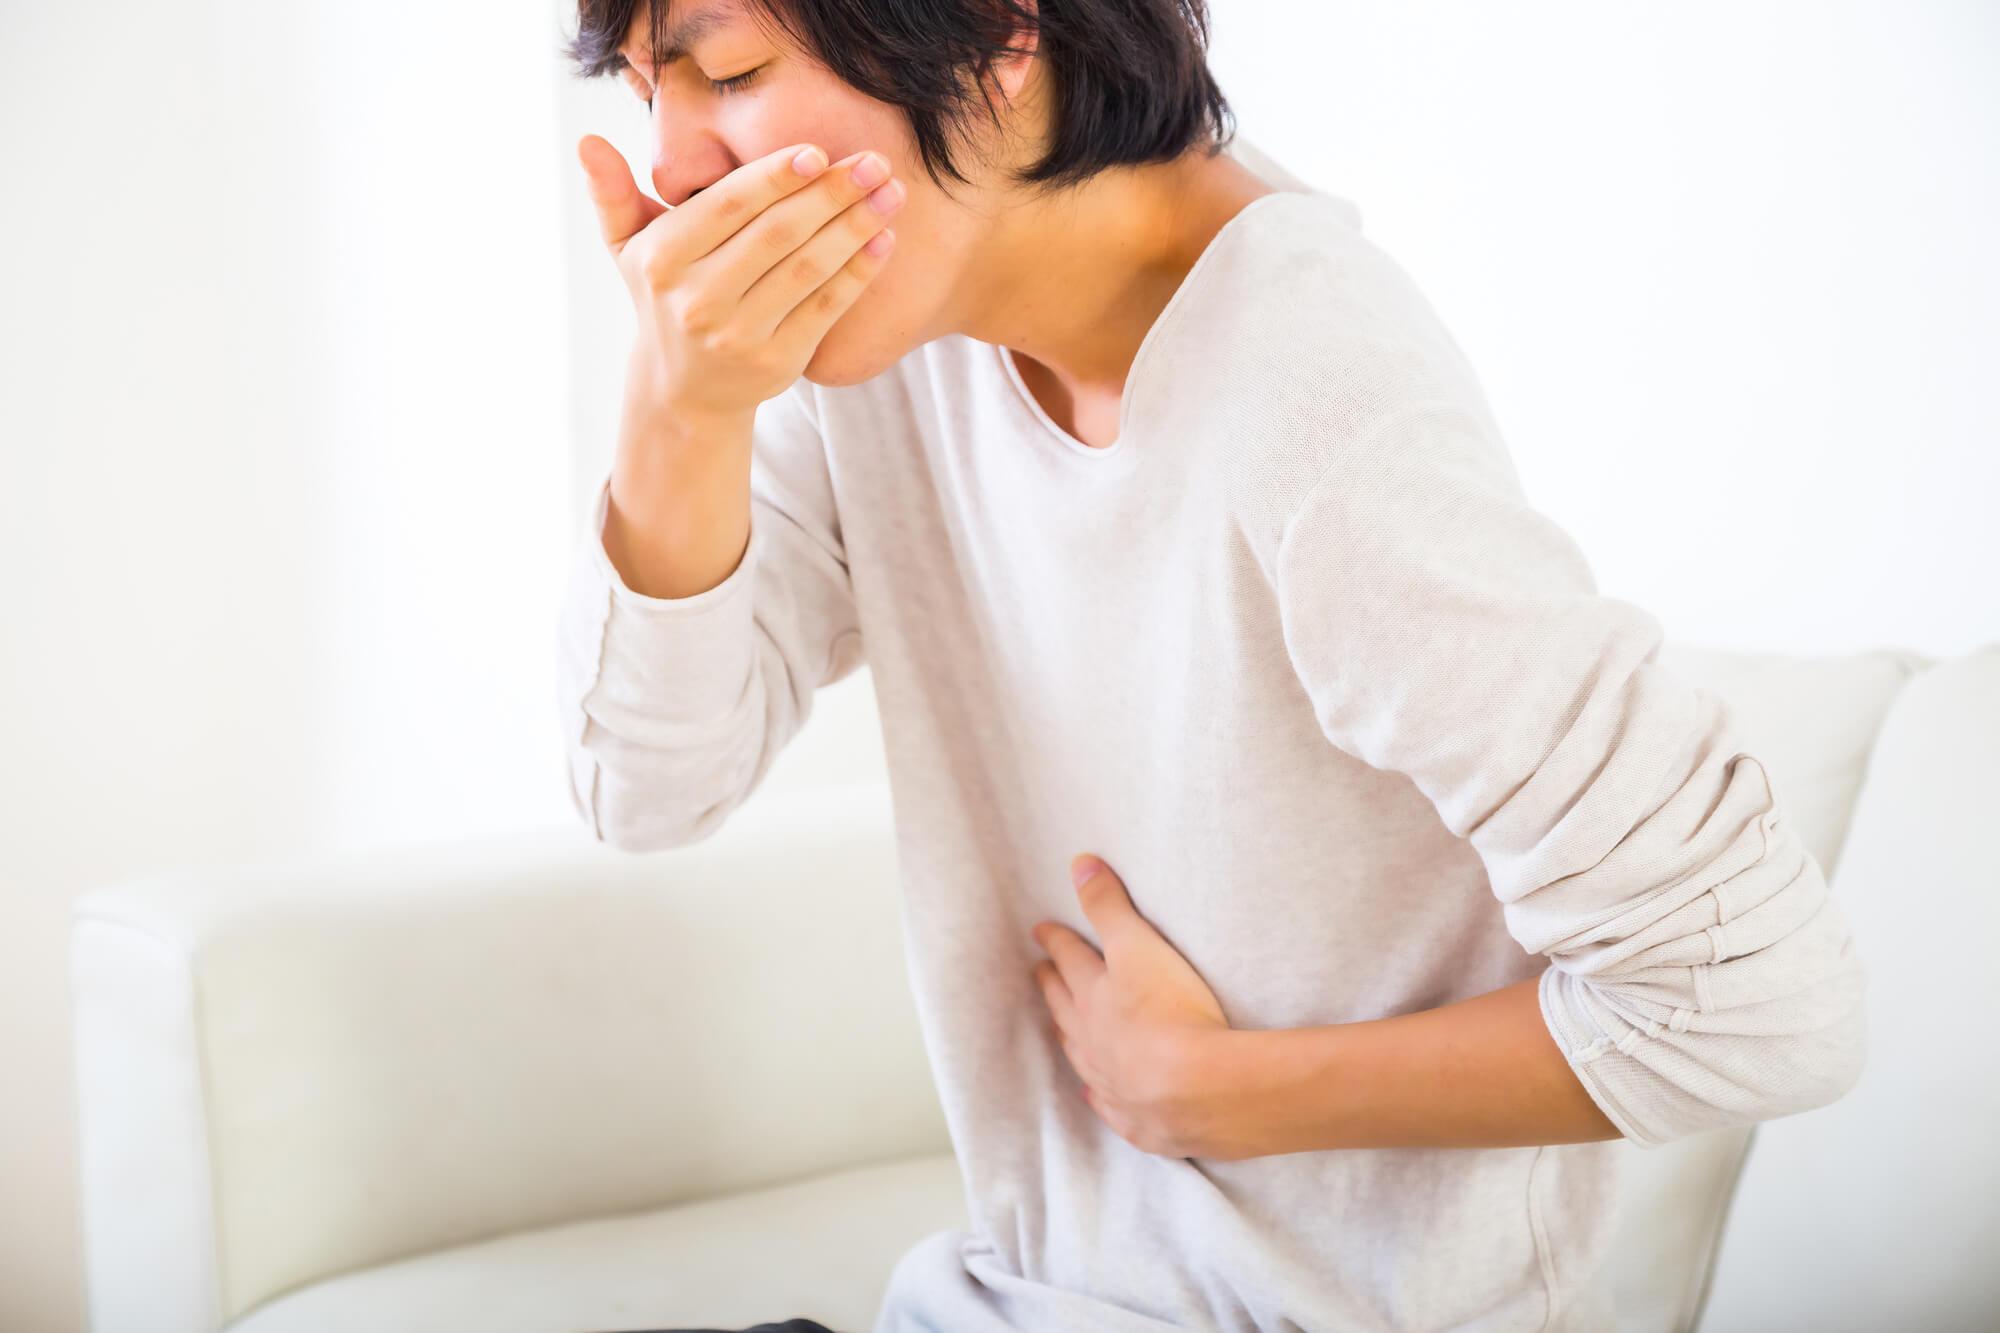 その方法で大丈夫?ノロウイルス感染者の嘔吐物の正しい処理法